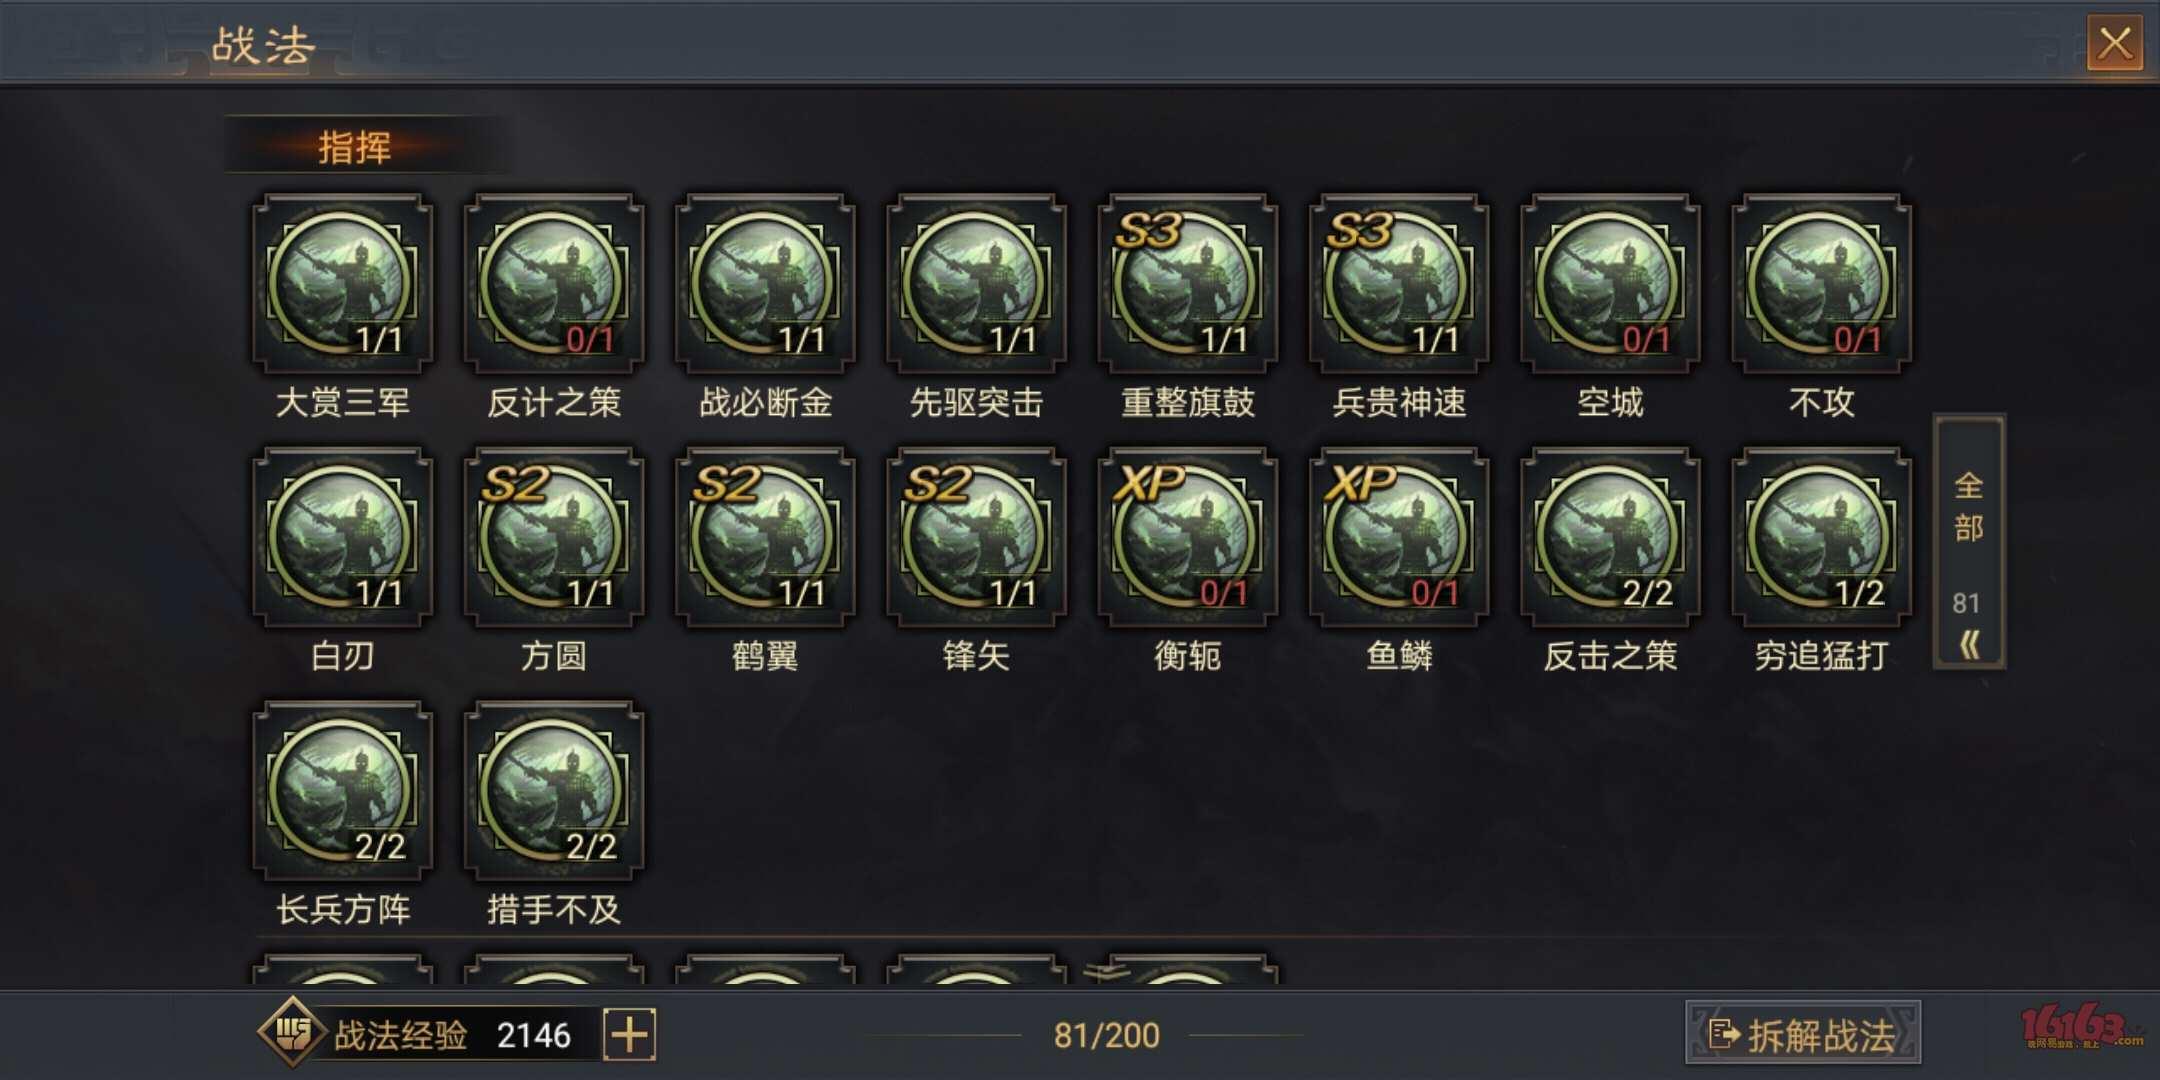 Screenshot_20180517-122033.jpg